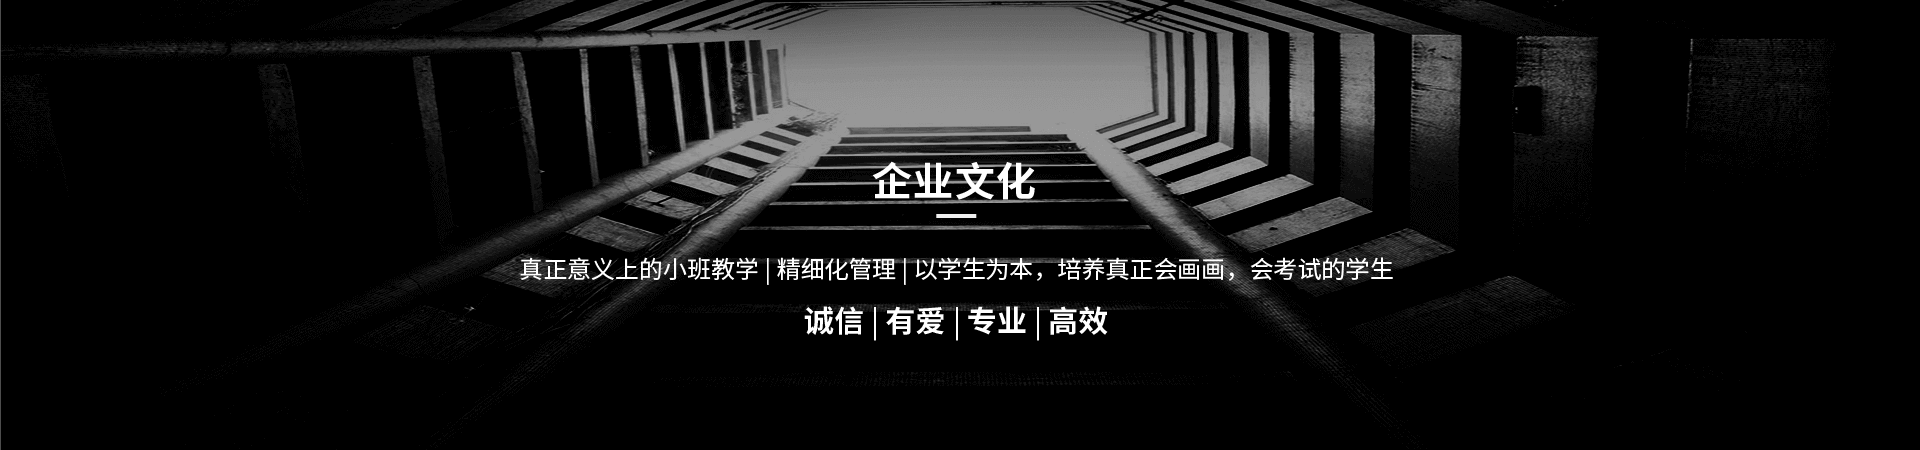 广州围墙画室战绩,广州美术培训班,广州美术画室